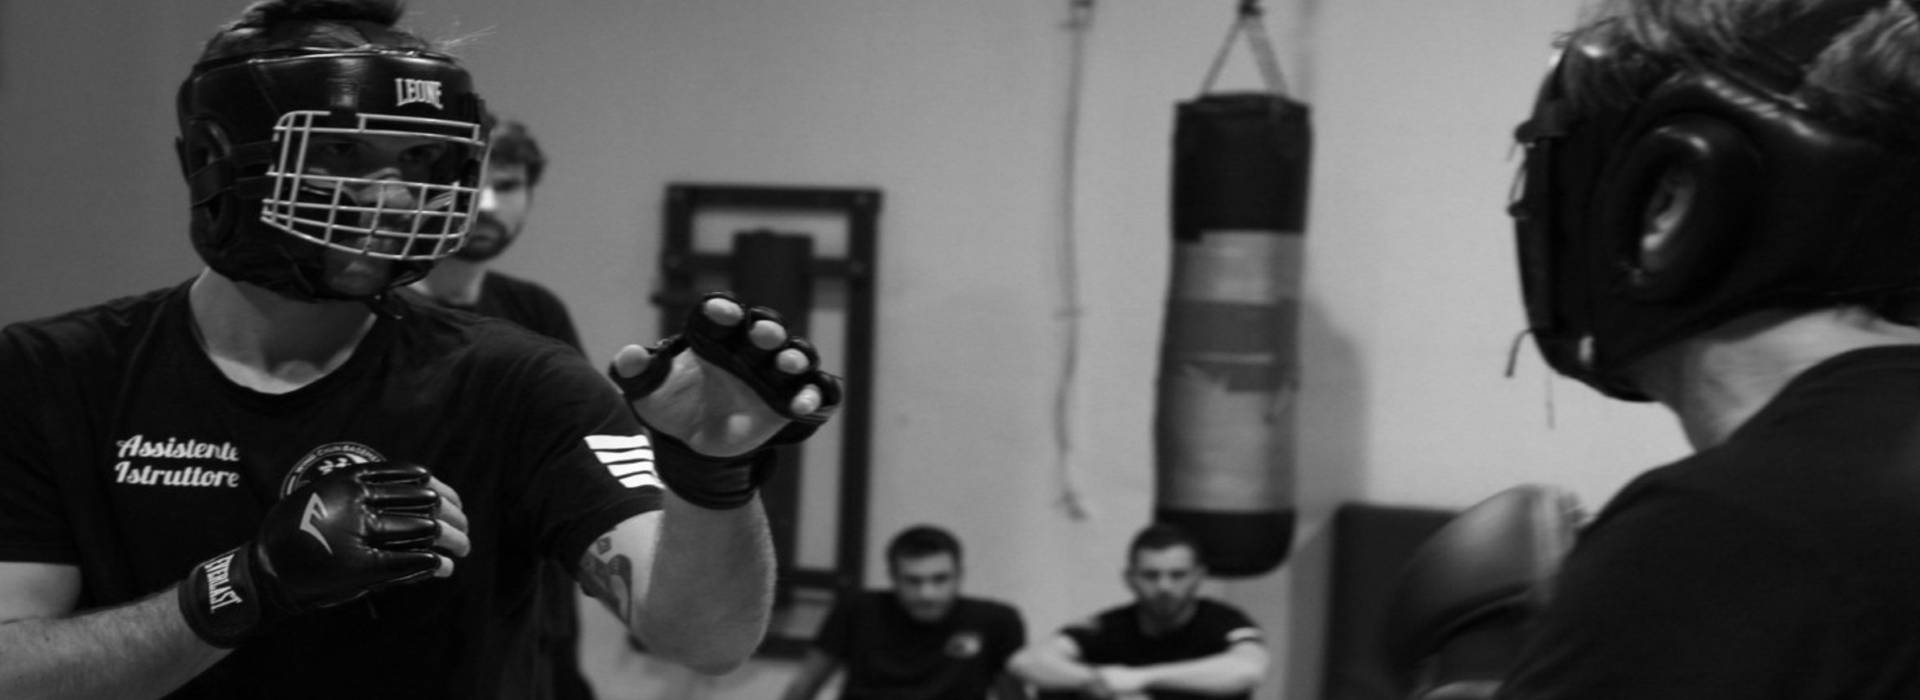 Wing Chun Italia propone allenamenti completi, teoria, tecnica e sparring